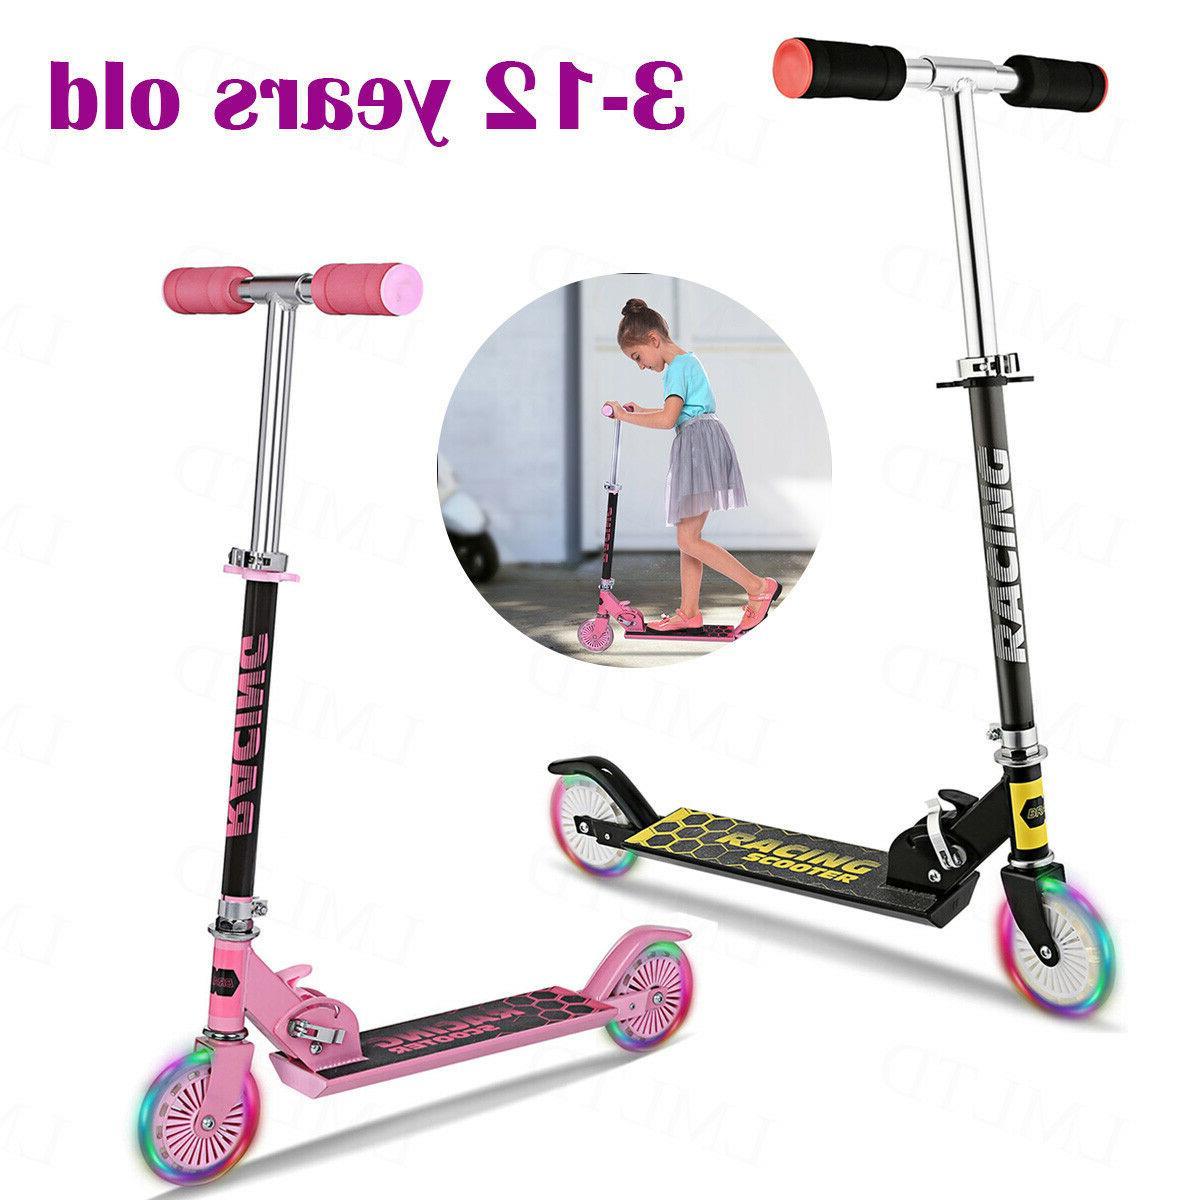 2 wheels kids scooter adjustable height deluxe